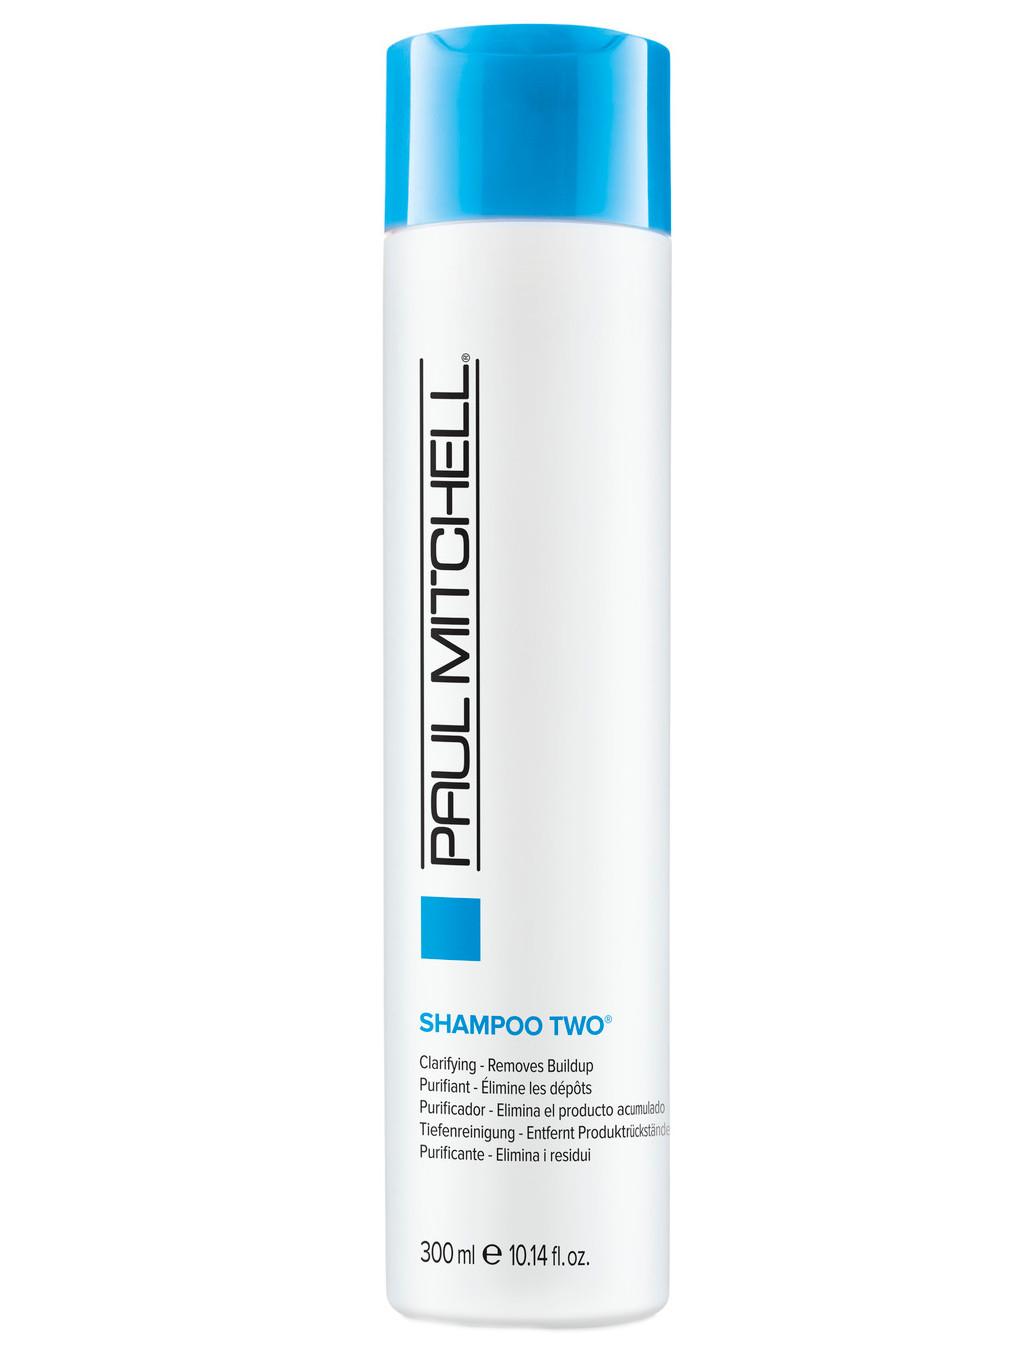 Šampon pro mastné vlasy Paul Mitchell Clarifying Two - 300 ml (150123) + DÁREK ZDARMA